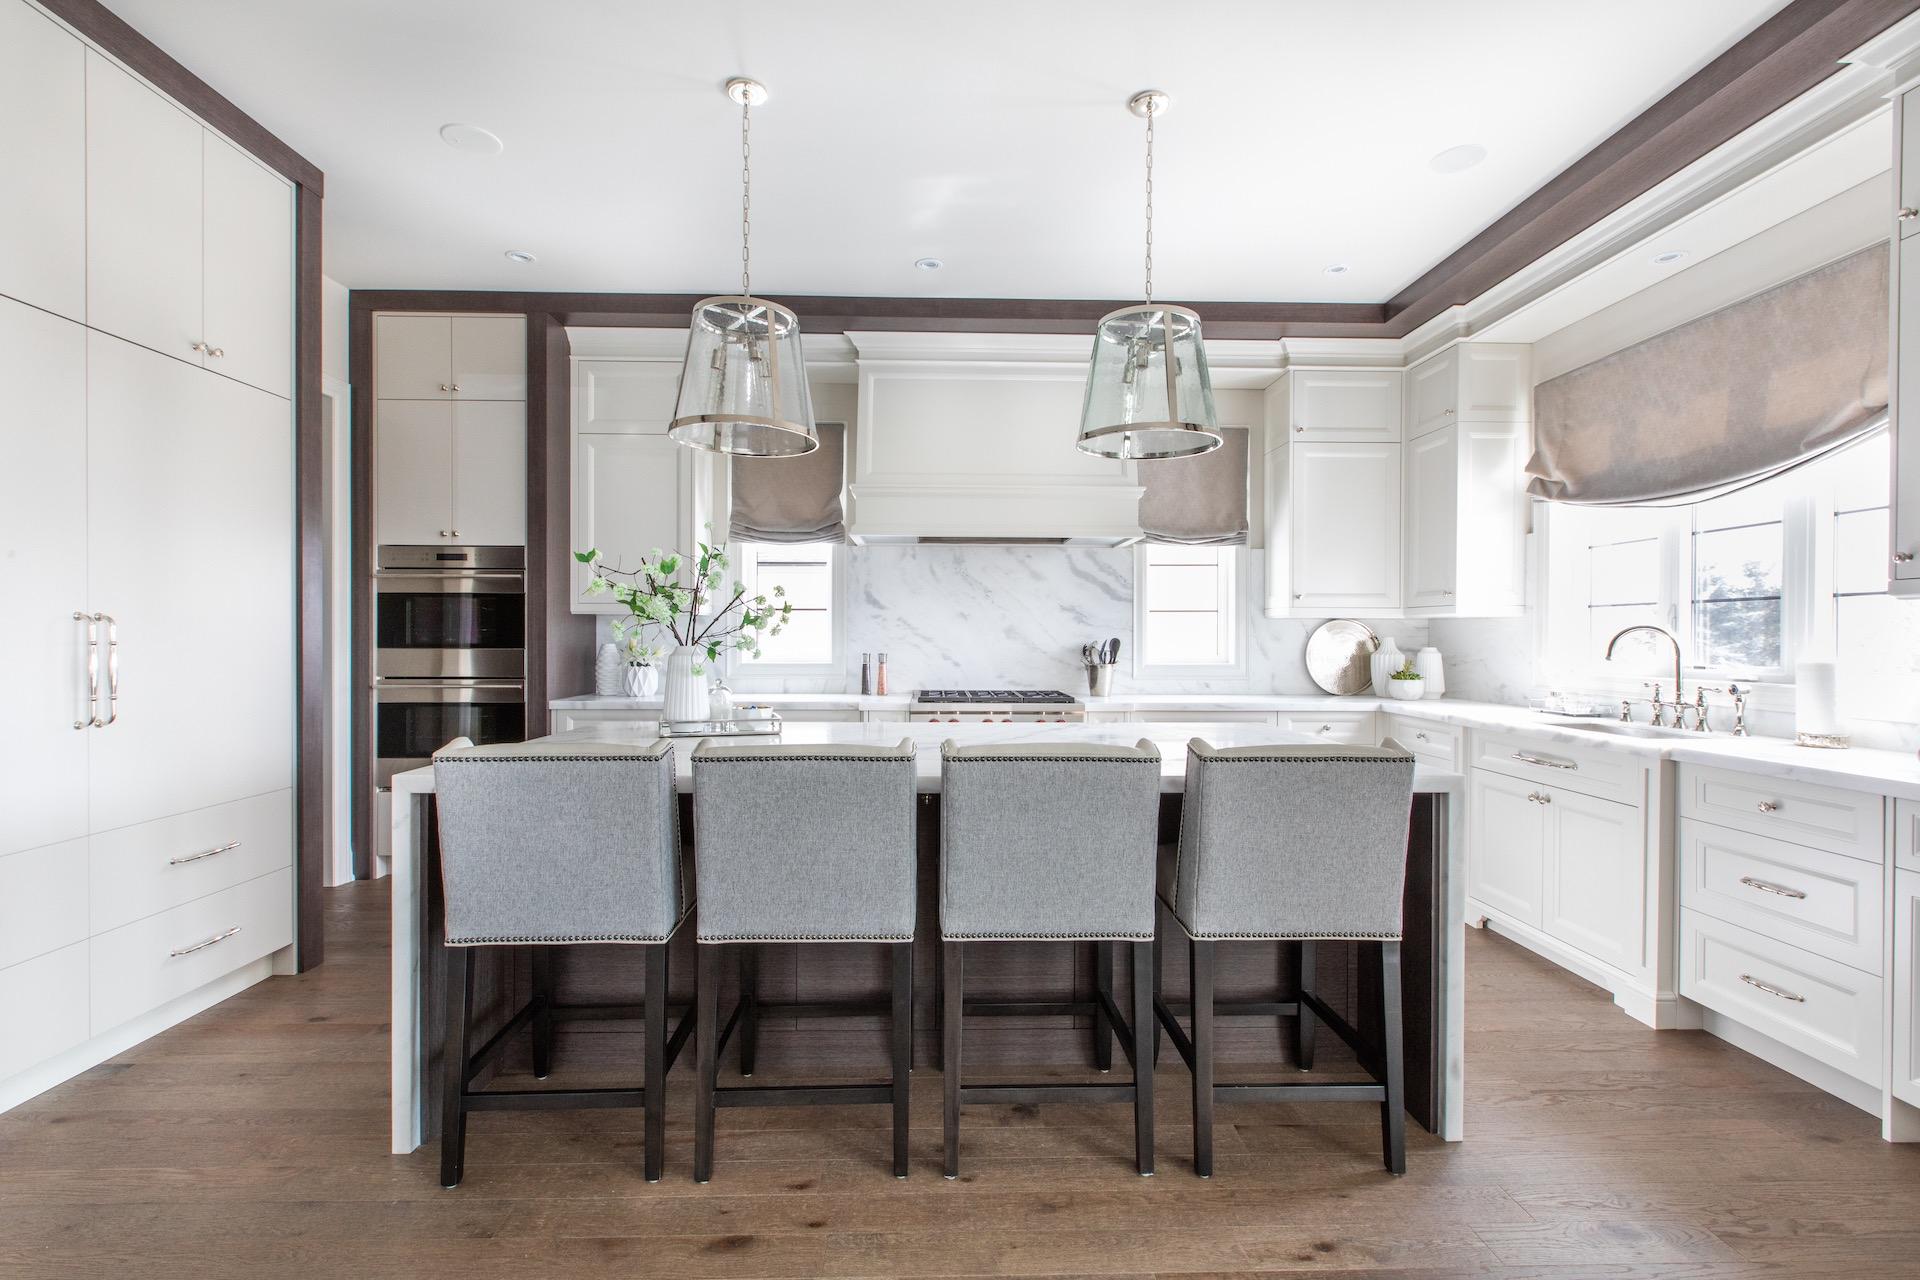 White NIICO kitchen with grey bar stools